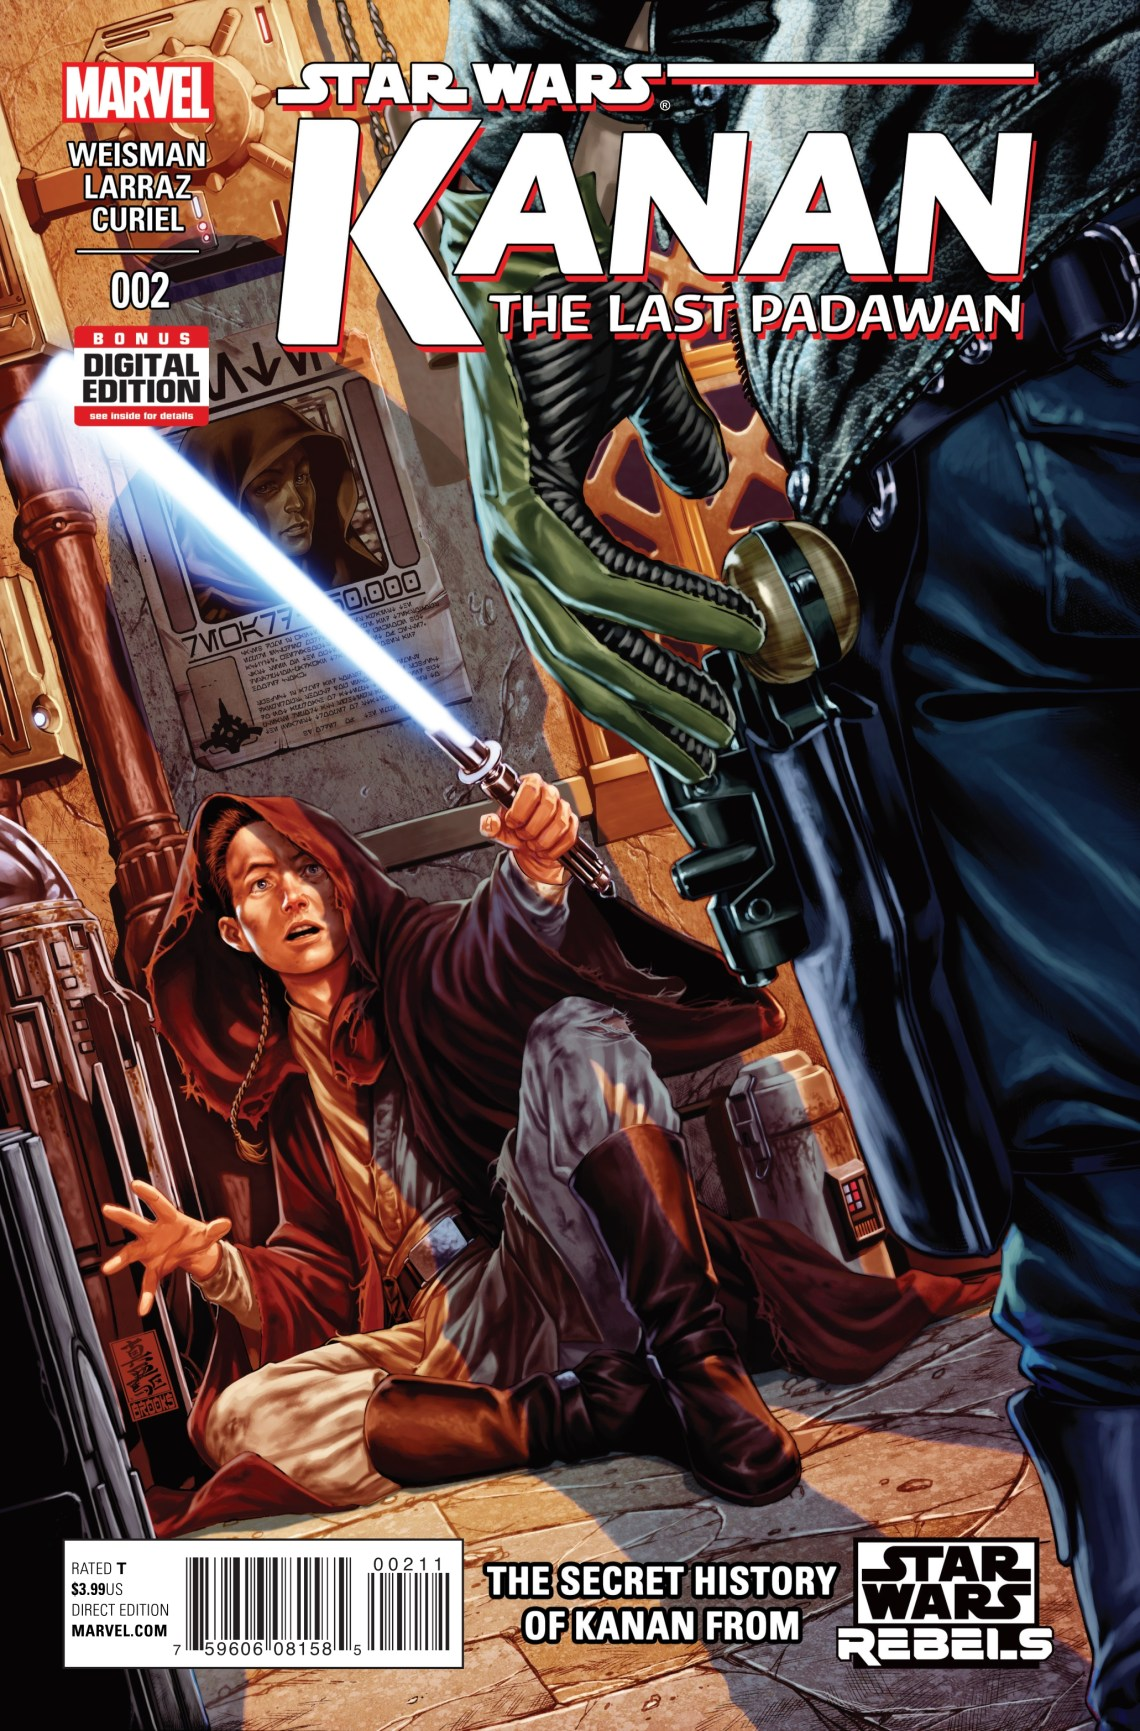 Kanan: The Last Padawan #2